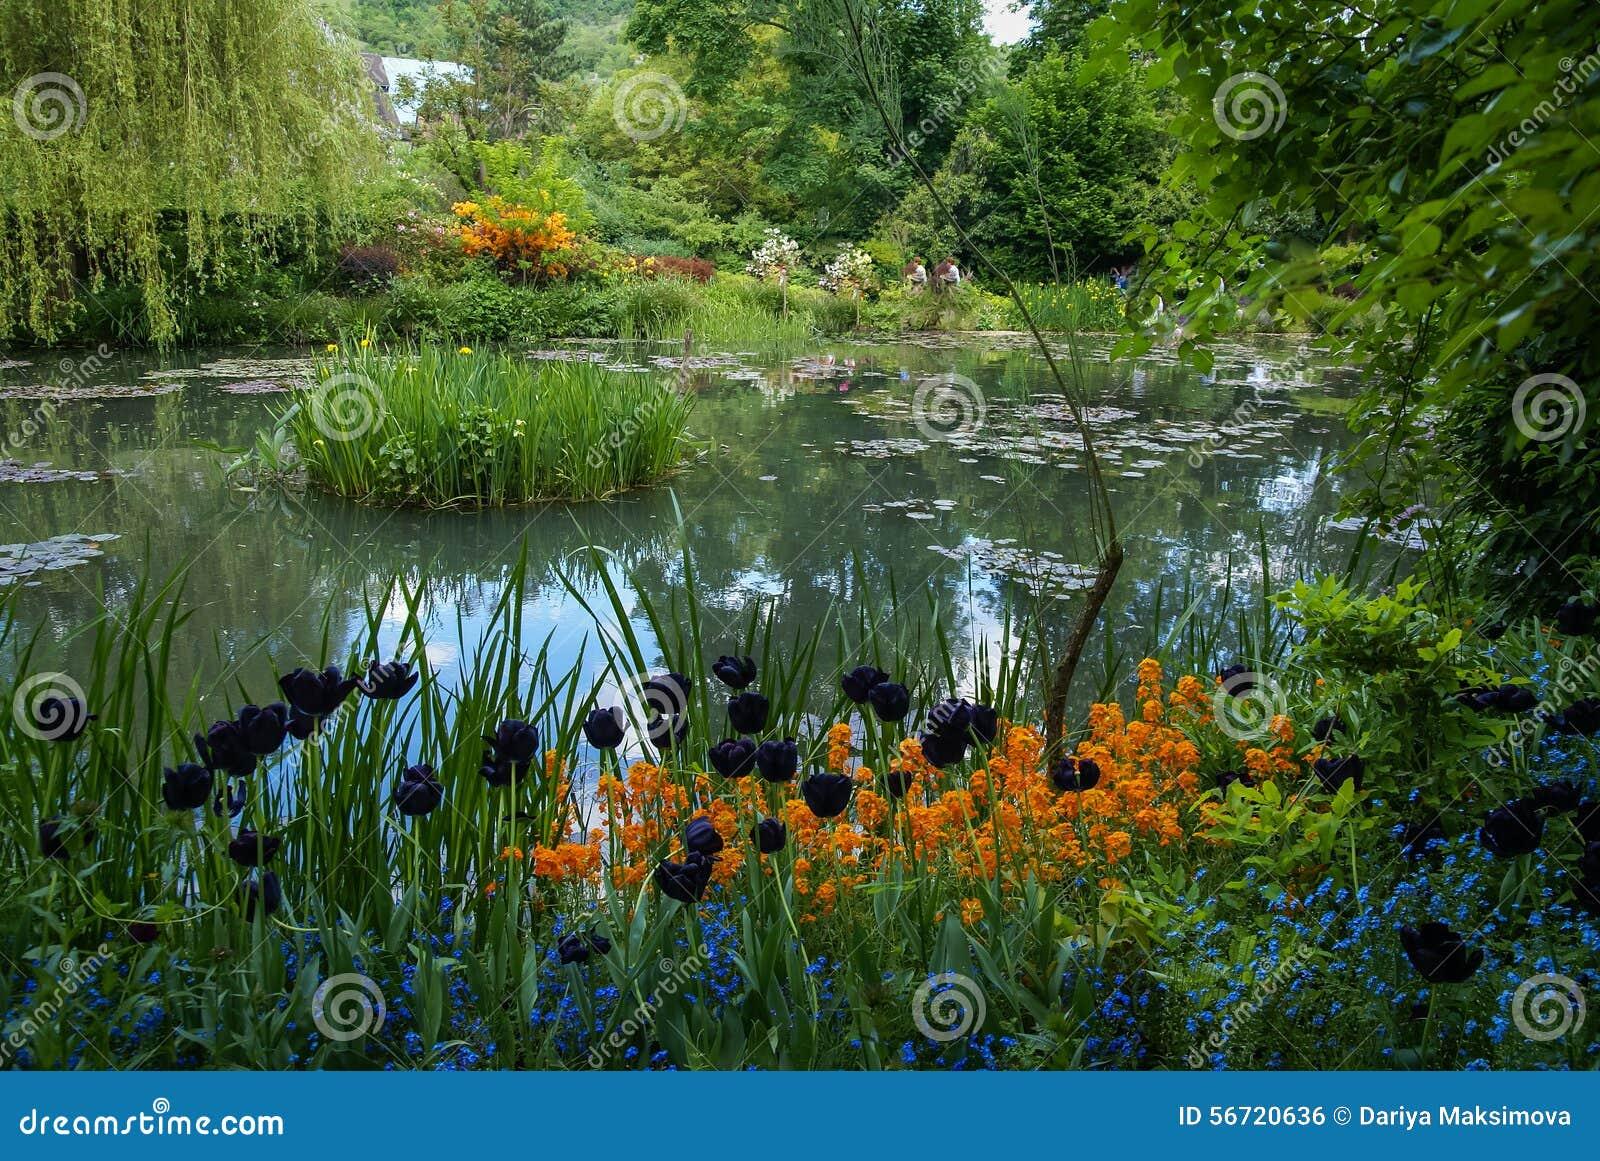 Jardines de la primavera de giverny francia foto de for Jardines de primavera